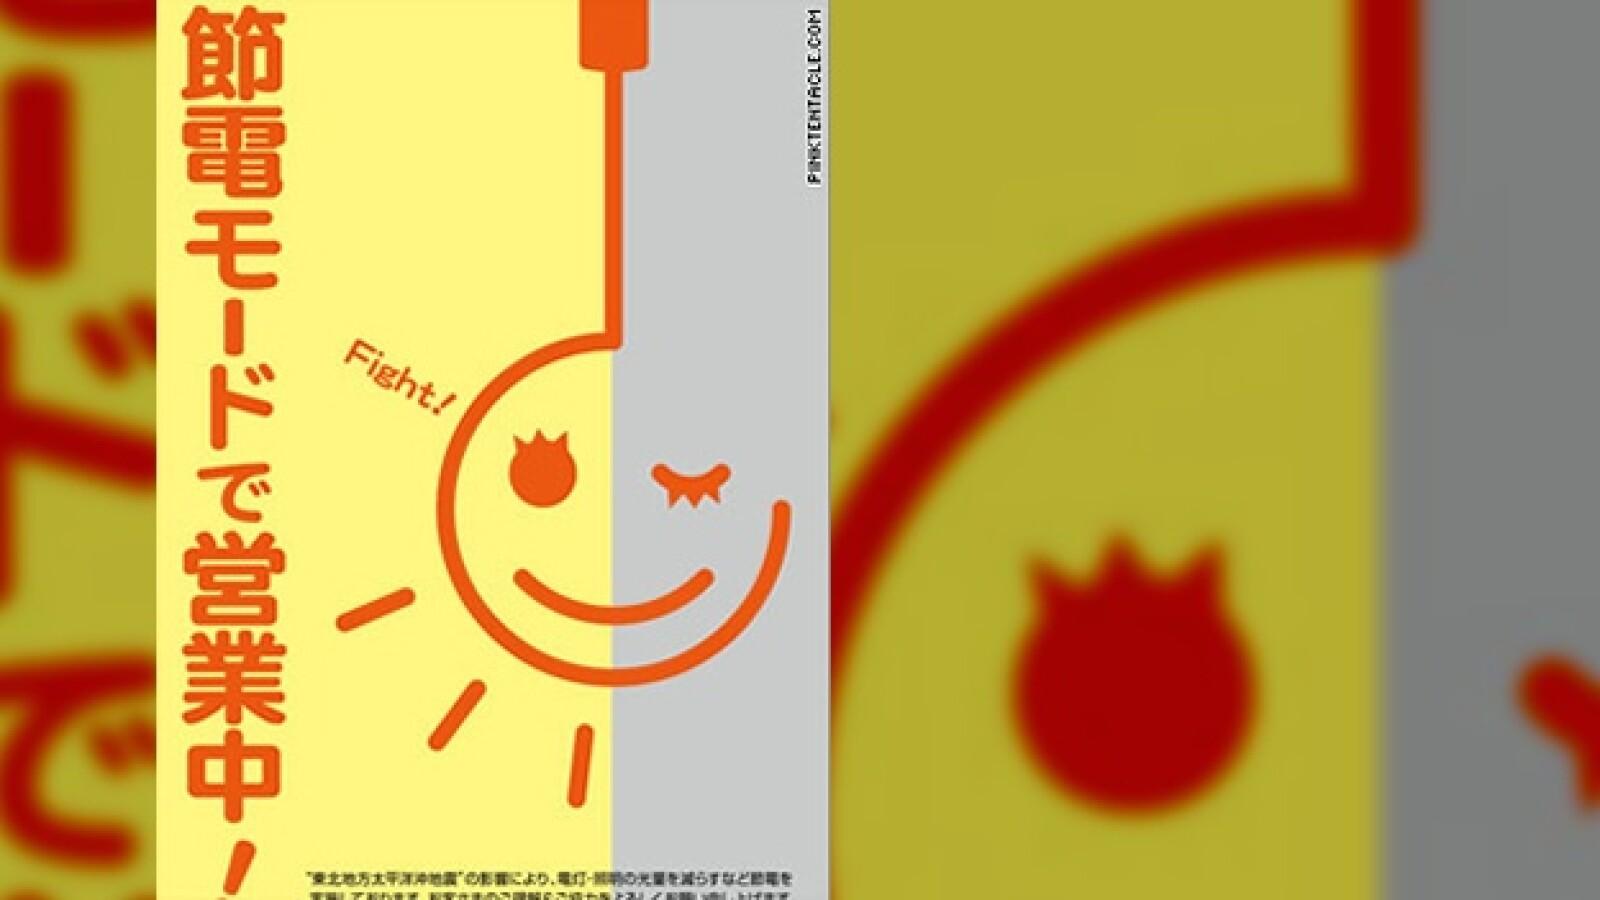 japón ahorro energético poster 07